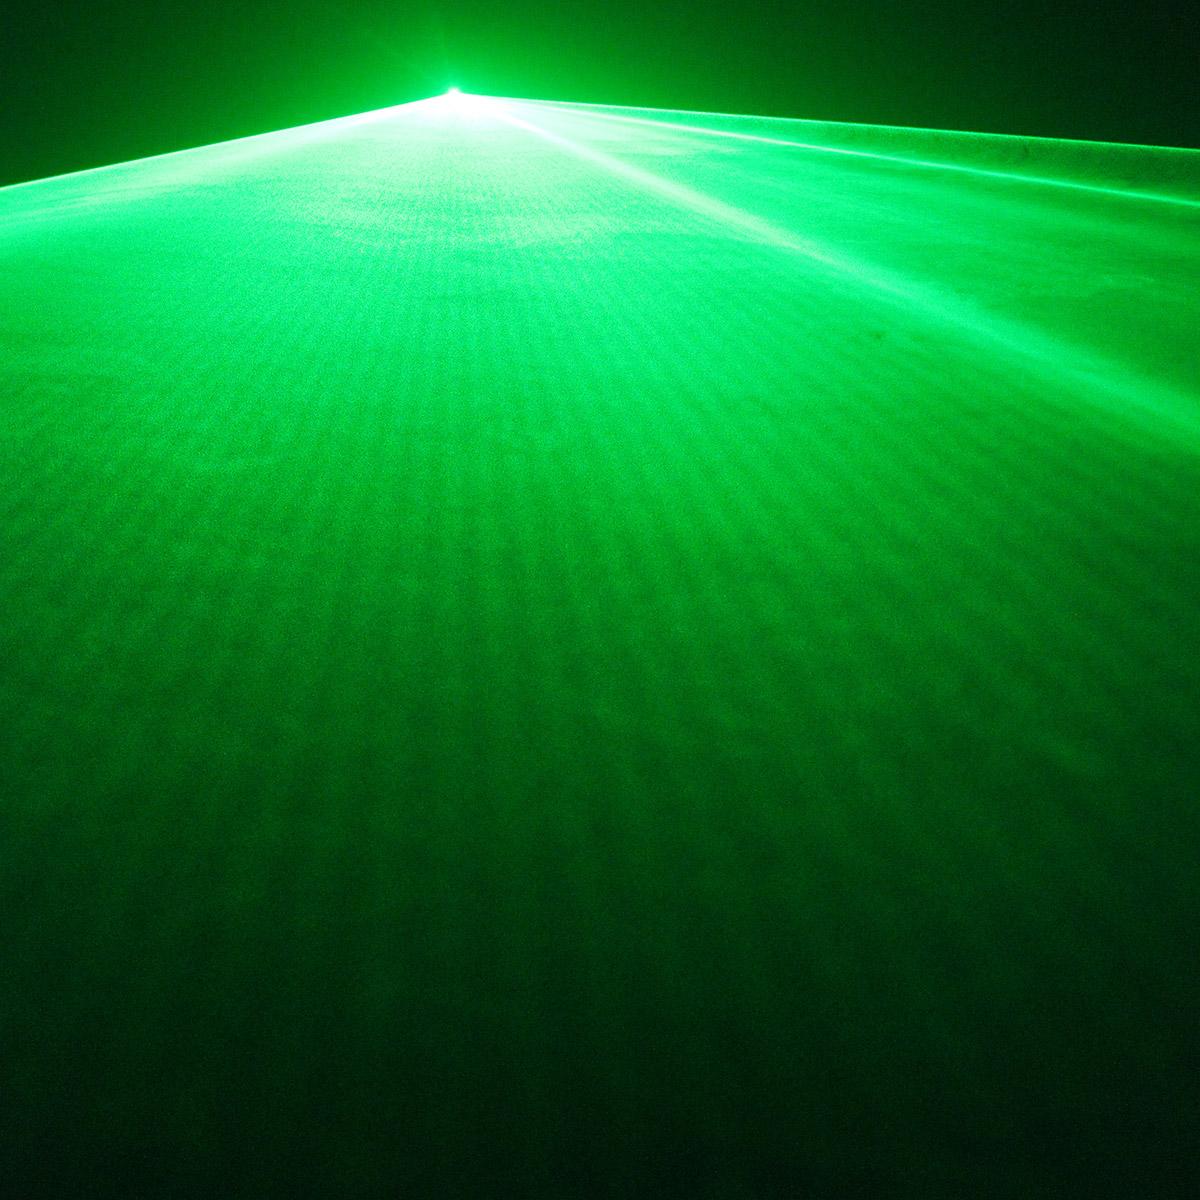 KUB 80 Green